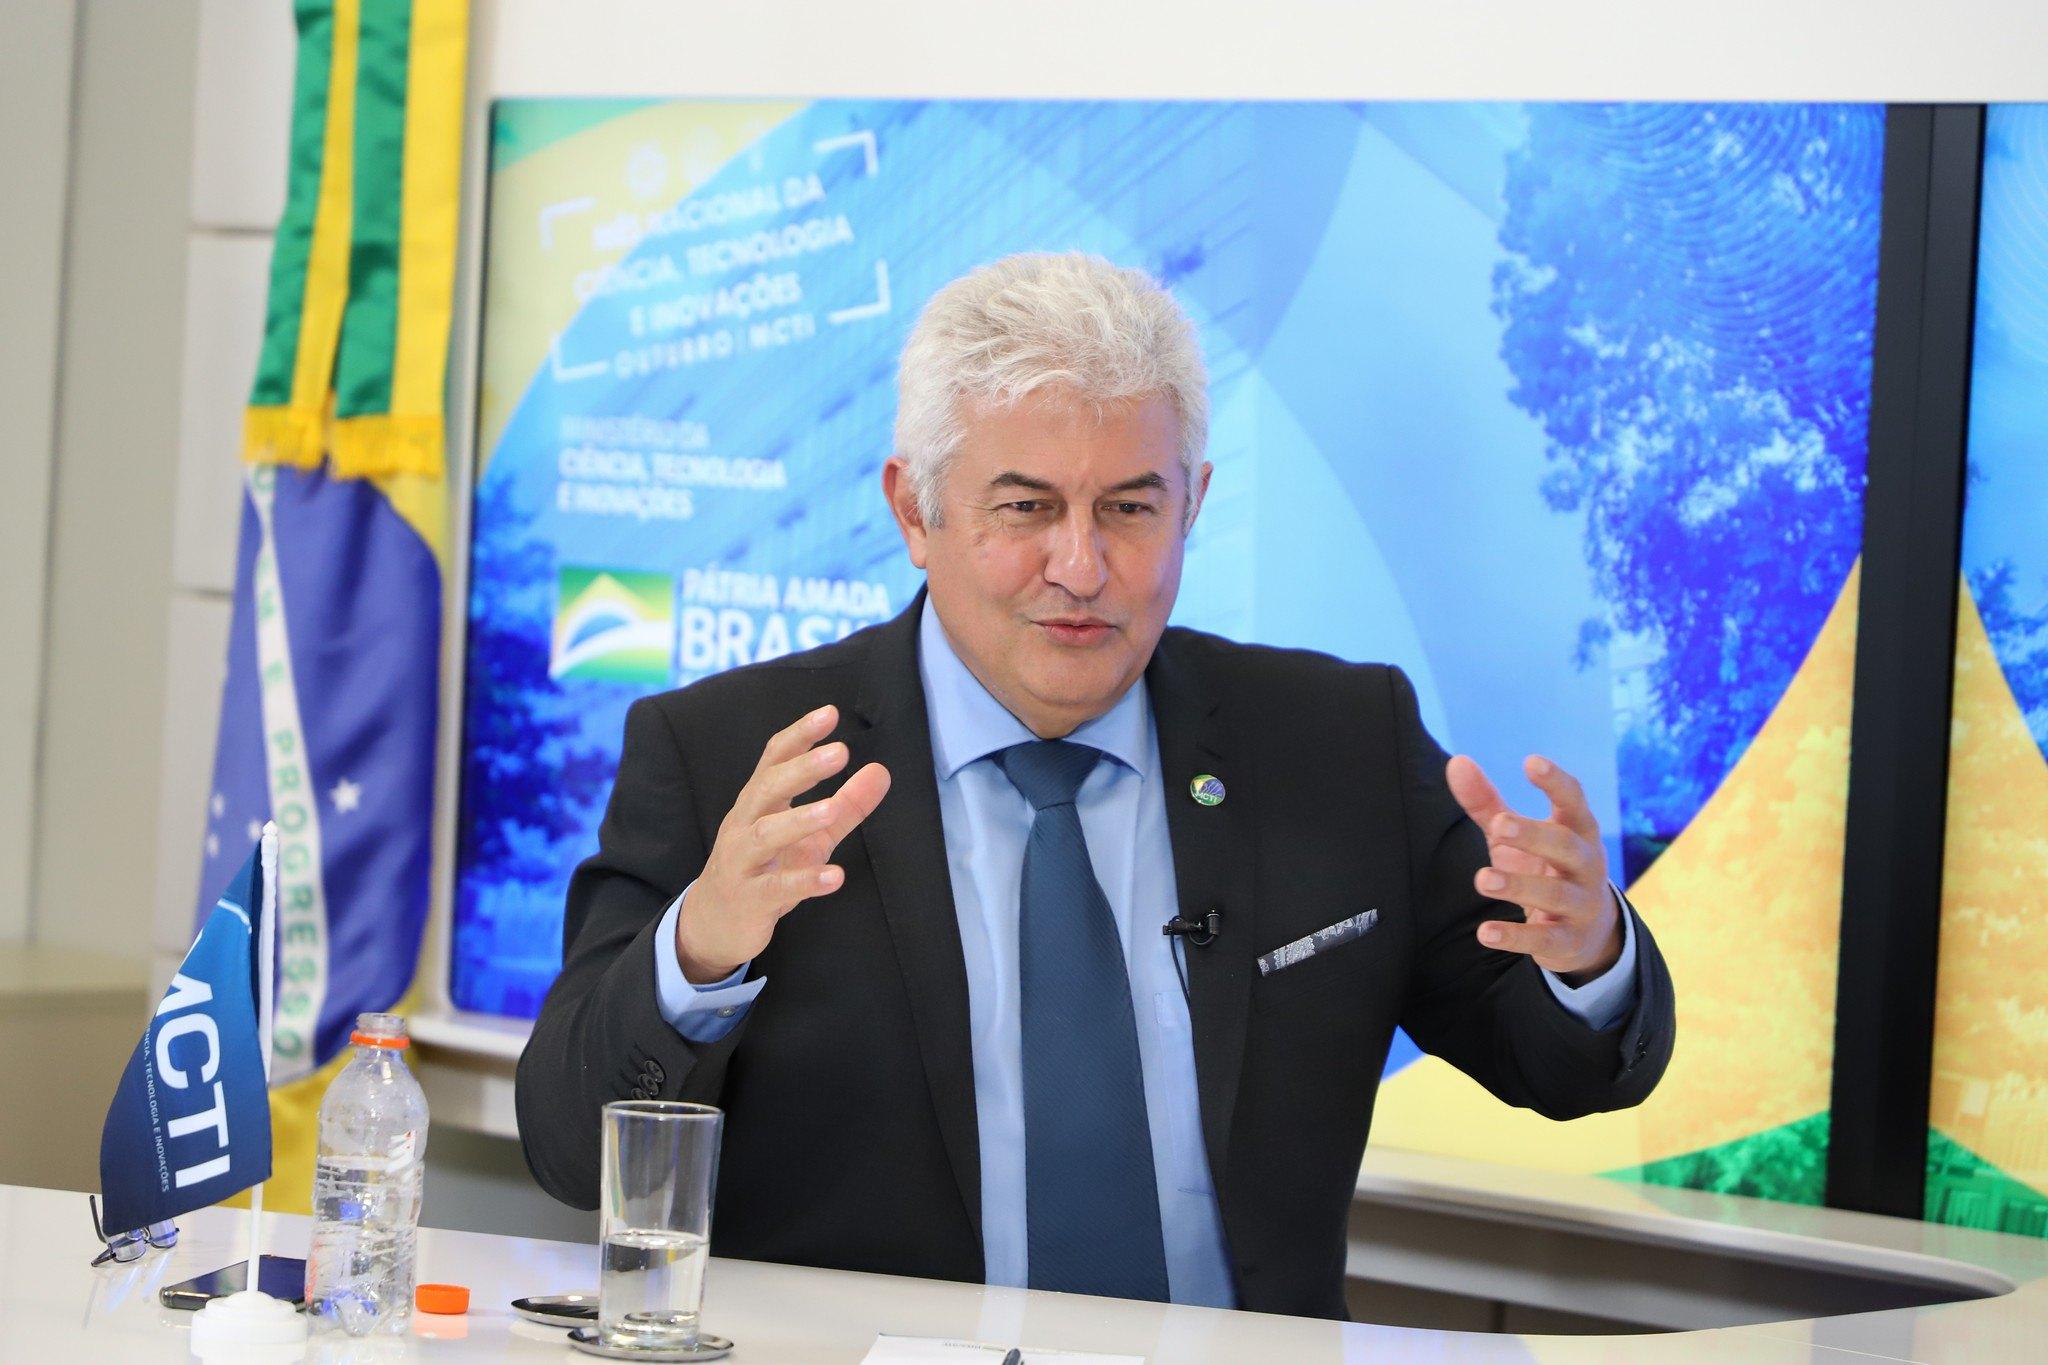 IMAGEM: Governo cria mais um comitê: a Câmara de Inovação